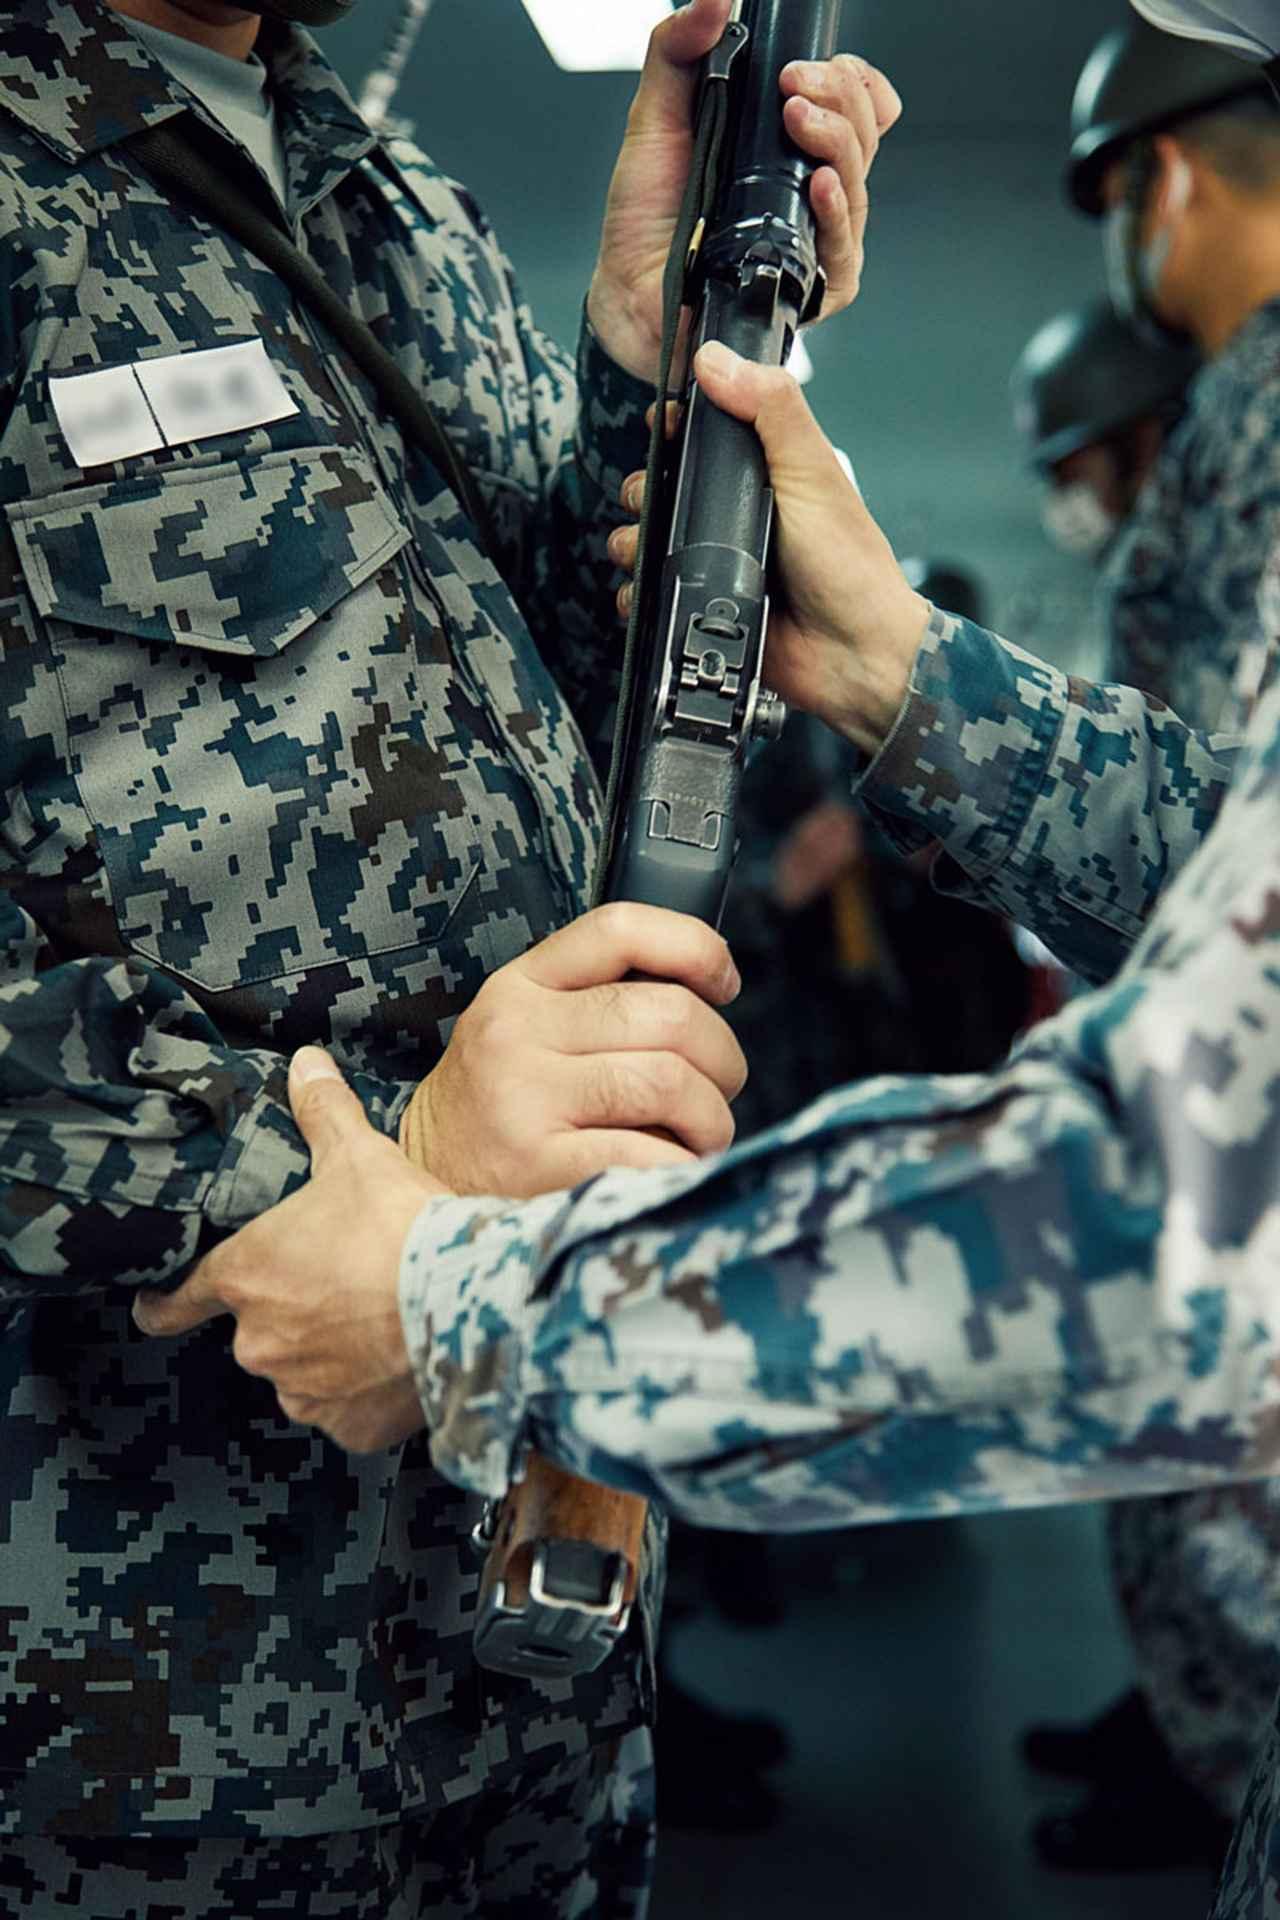 画像: 隊員が小銃を手にする際、教官は小銃に不備がないか責任を持って確認する